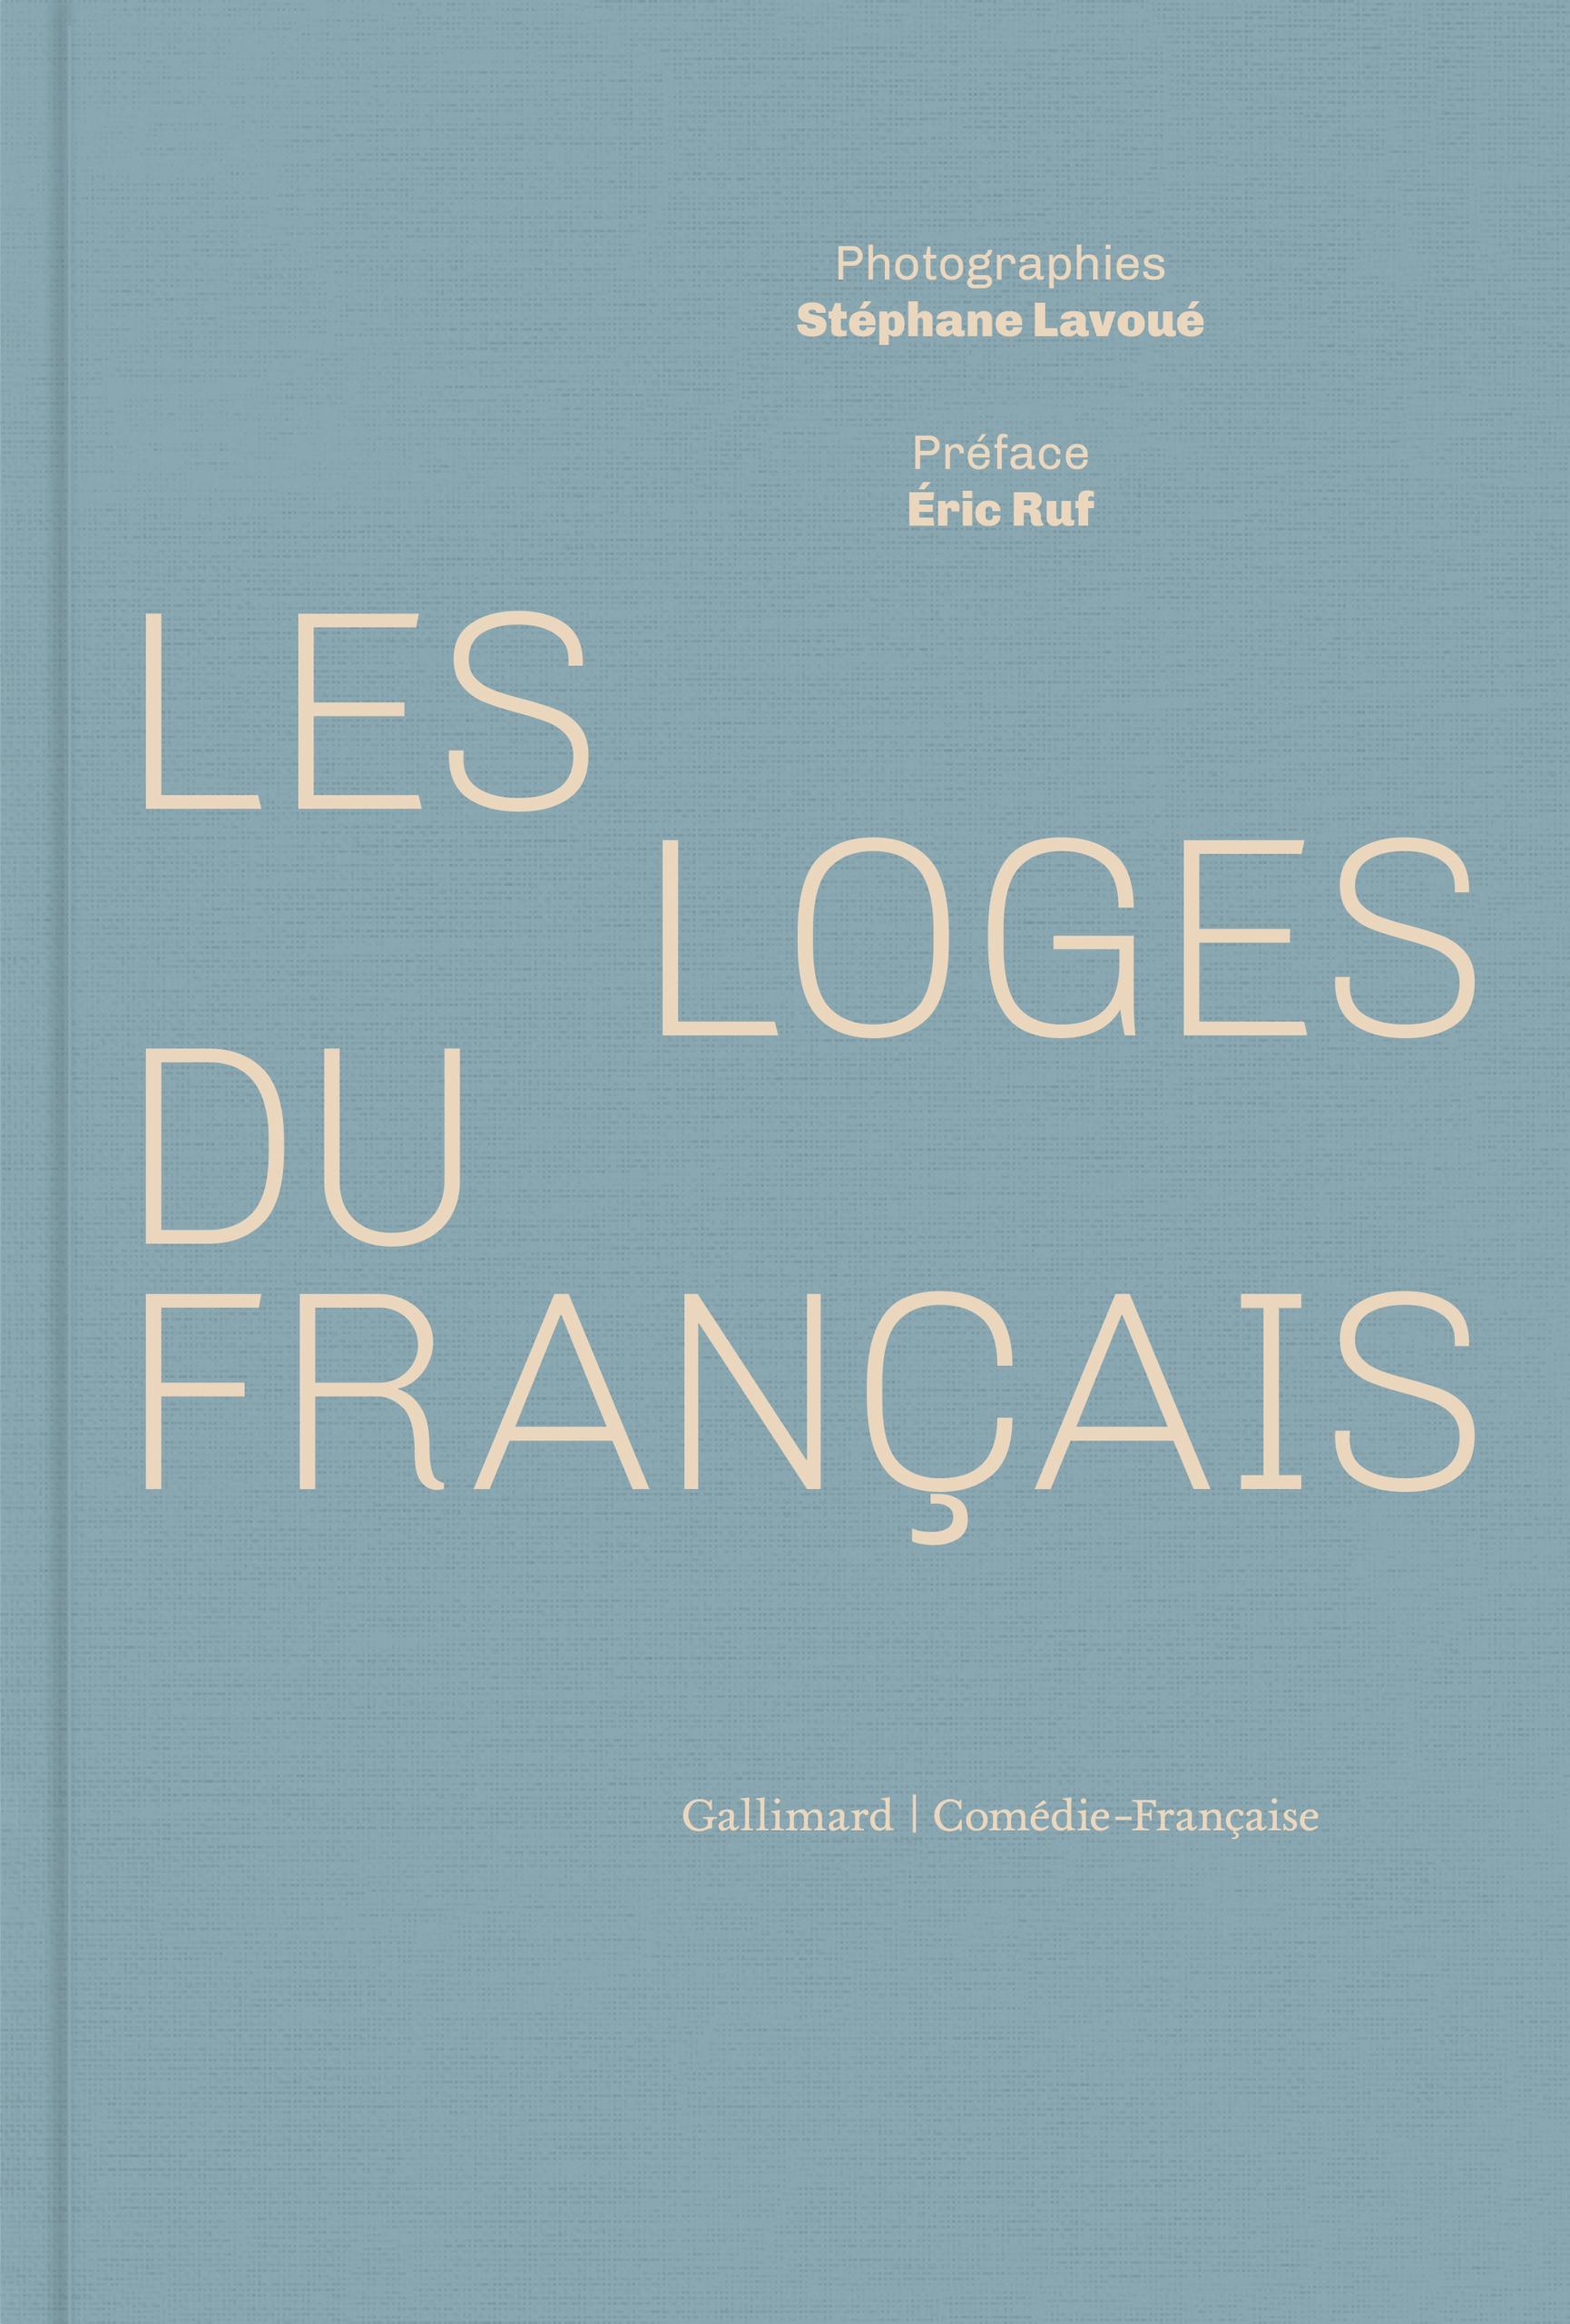 LES LOGES DU FRANCAIS